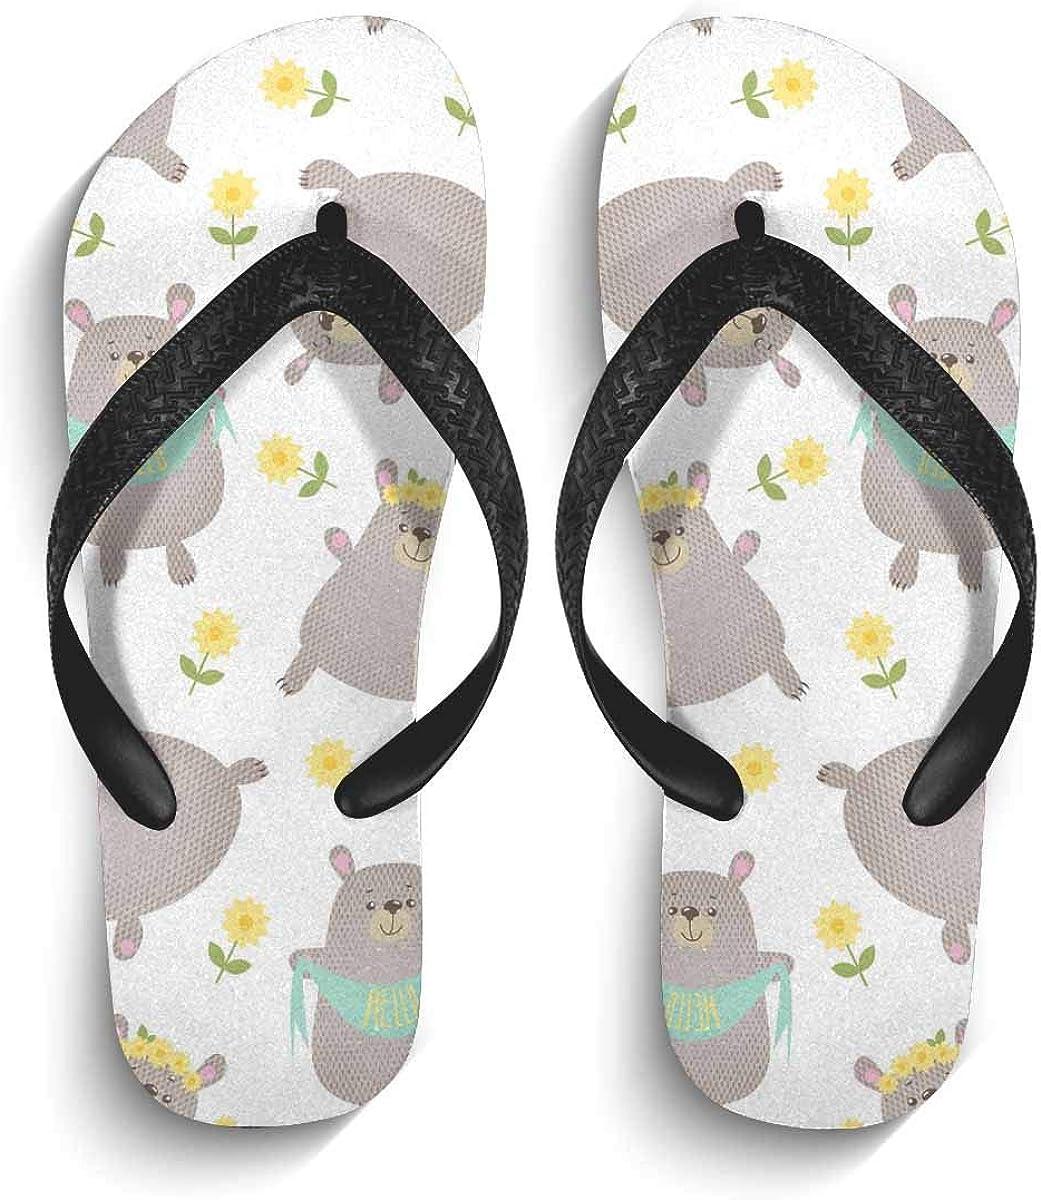 InterestPrint Men's Non-Slip Flip Flops Sandal Funny Cartoon Bears Summer Beach Thong Slippers S